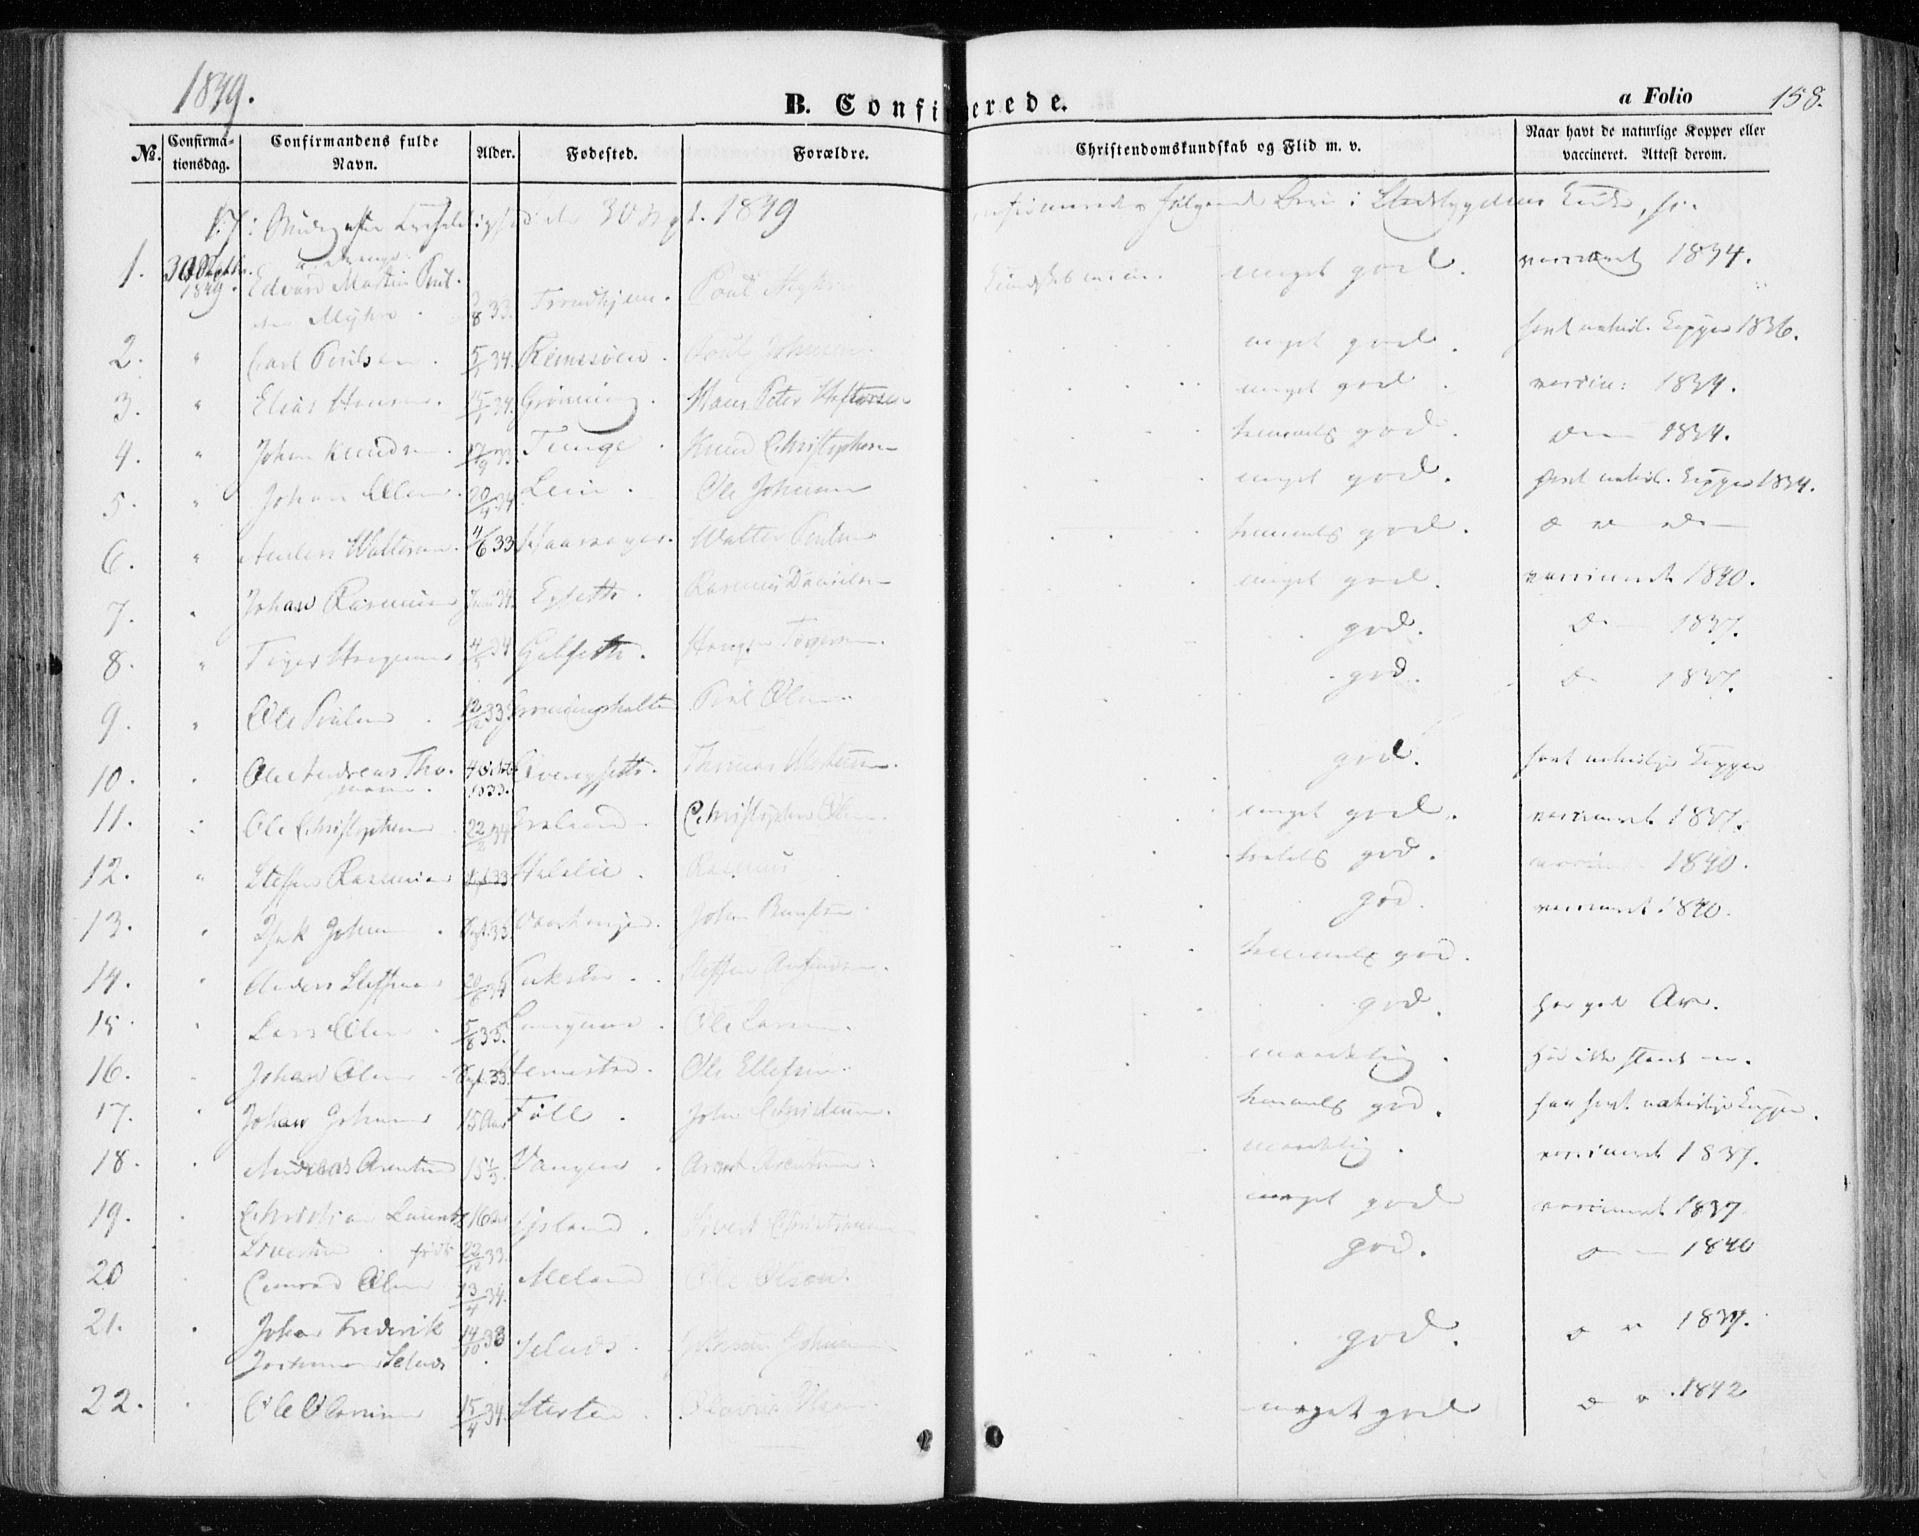 SAT, Ministerialprotokoller, klokkerbøker og fødselsregistre - Sør-Trøndelag, 646/L0611: Ministerialbok nr. 646A09, 1848-1857, s. 158